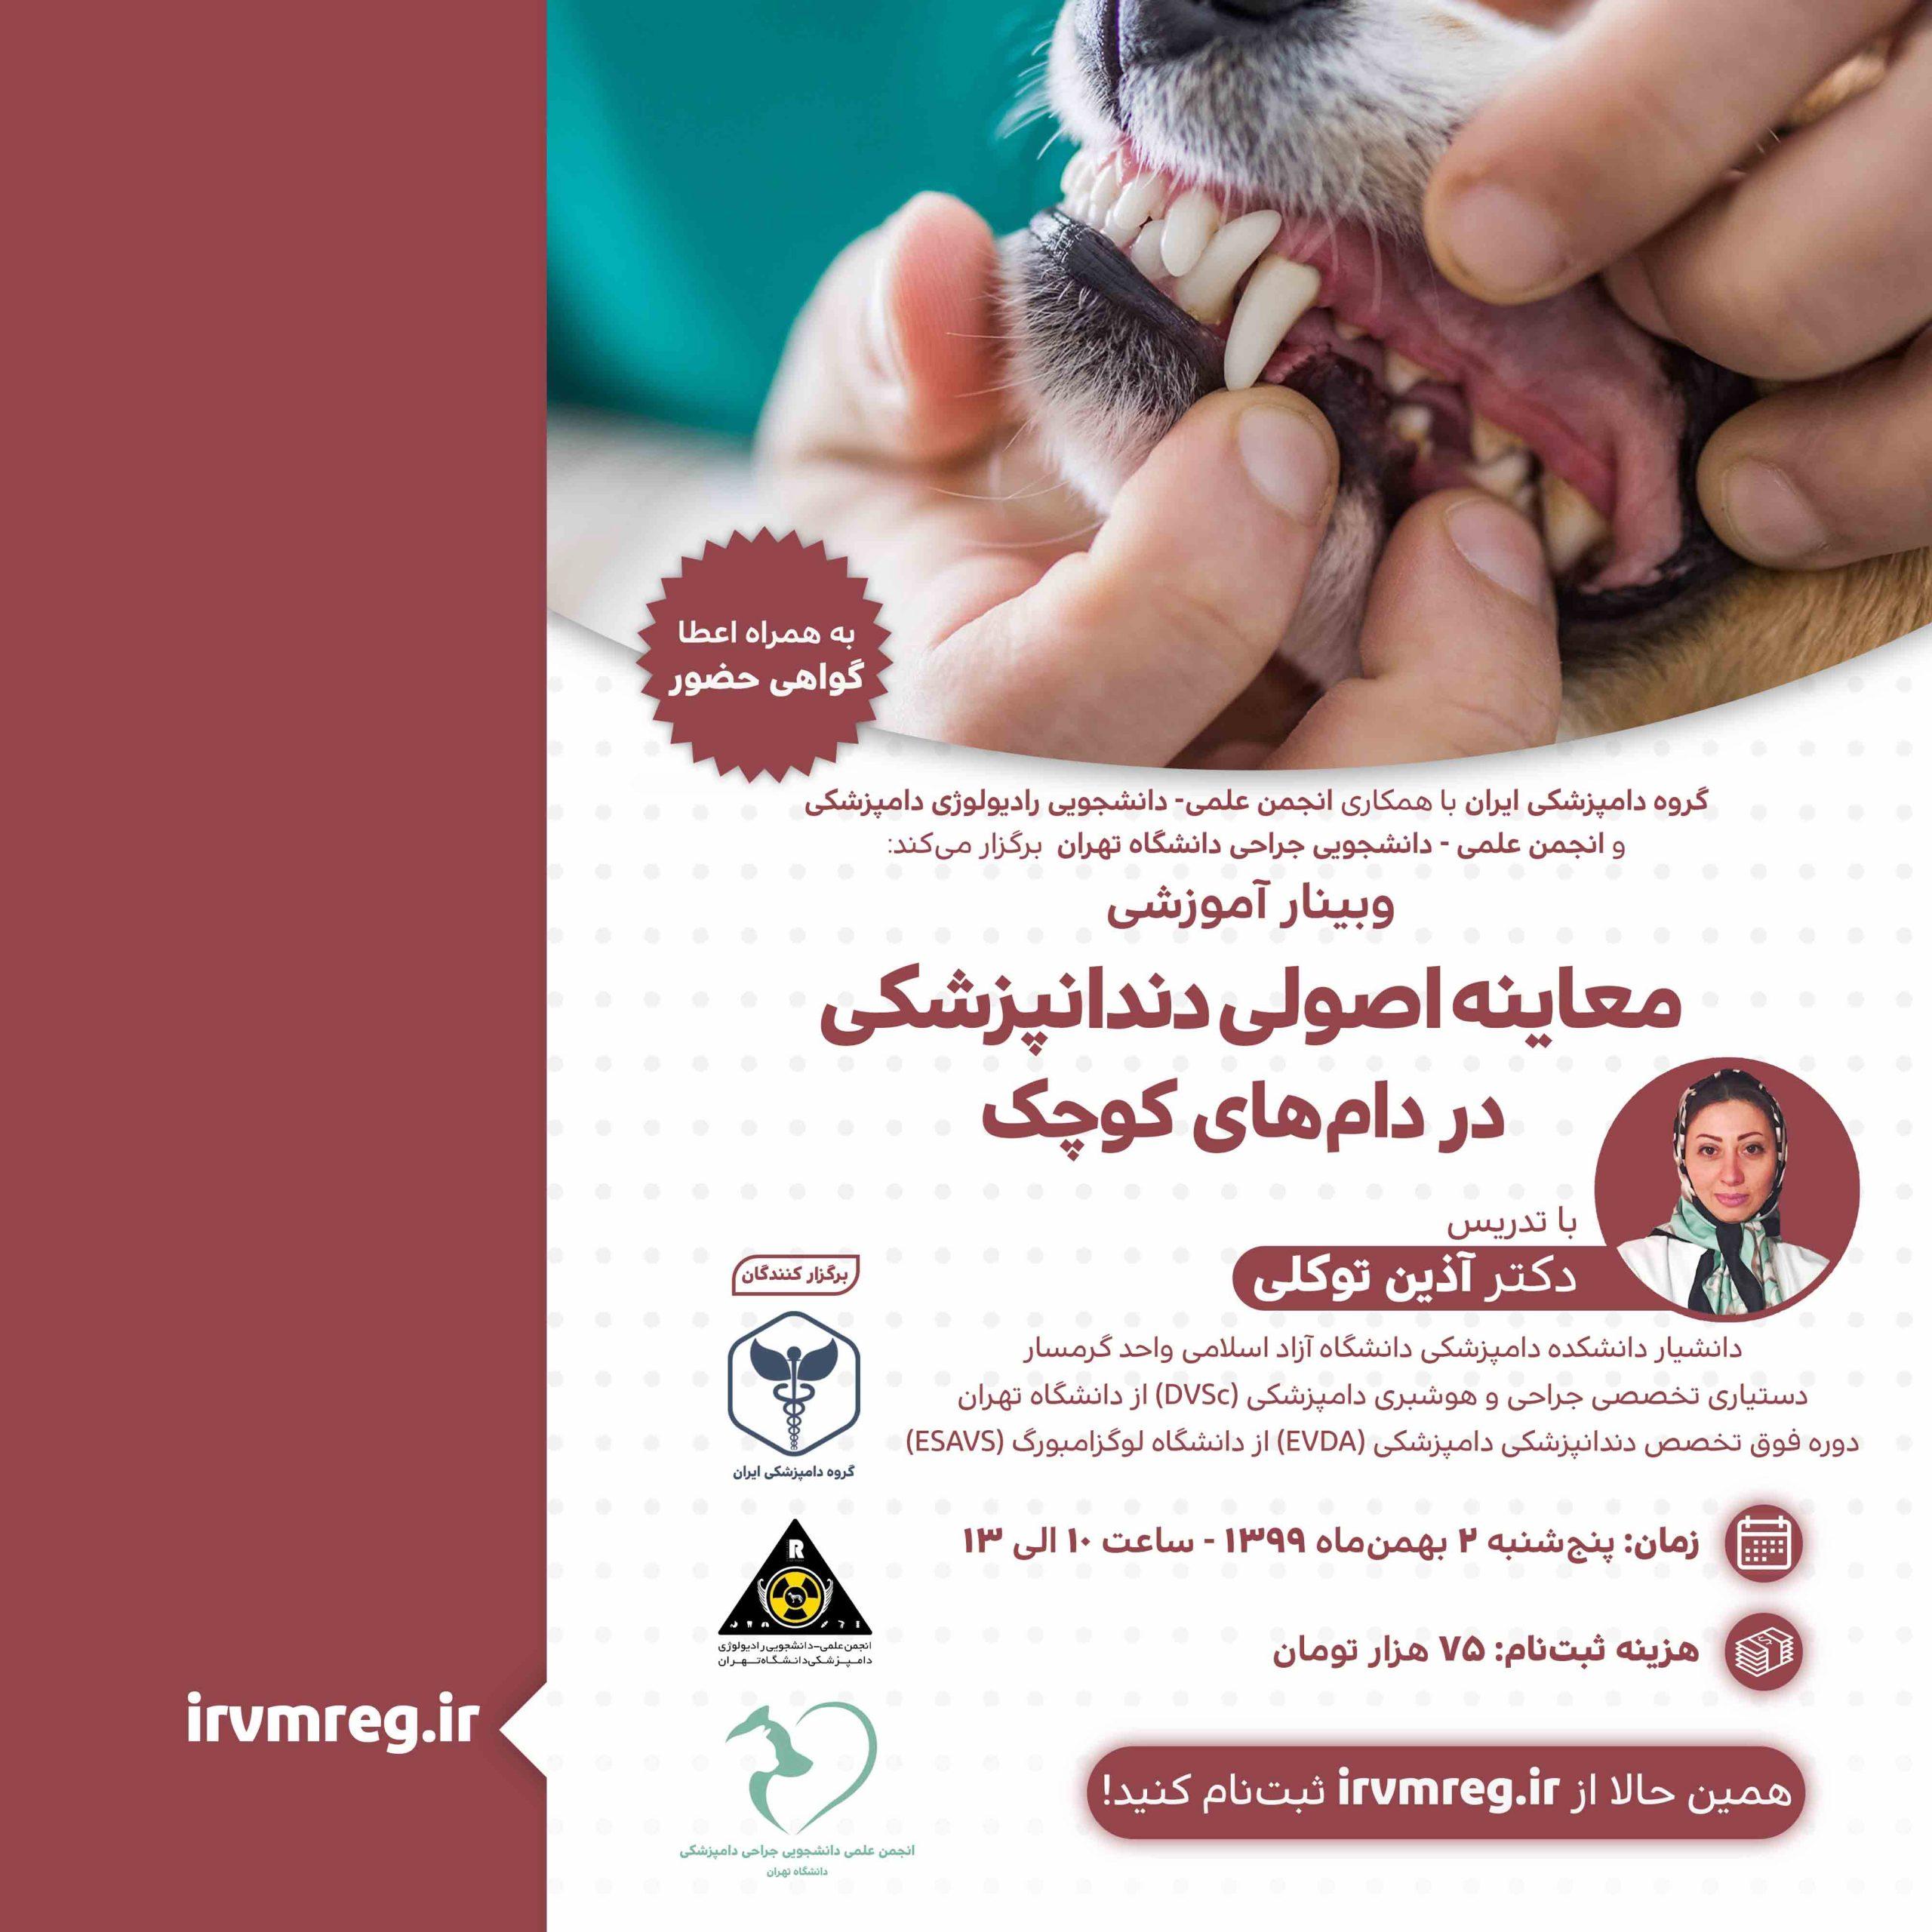 وبینار آموزشی معاینه اصولی دندانپزشکی در دامهای کوچک - گروه دامپزشکی ایران